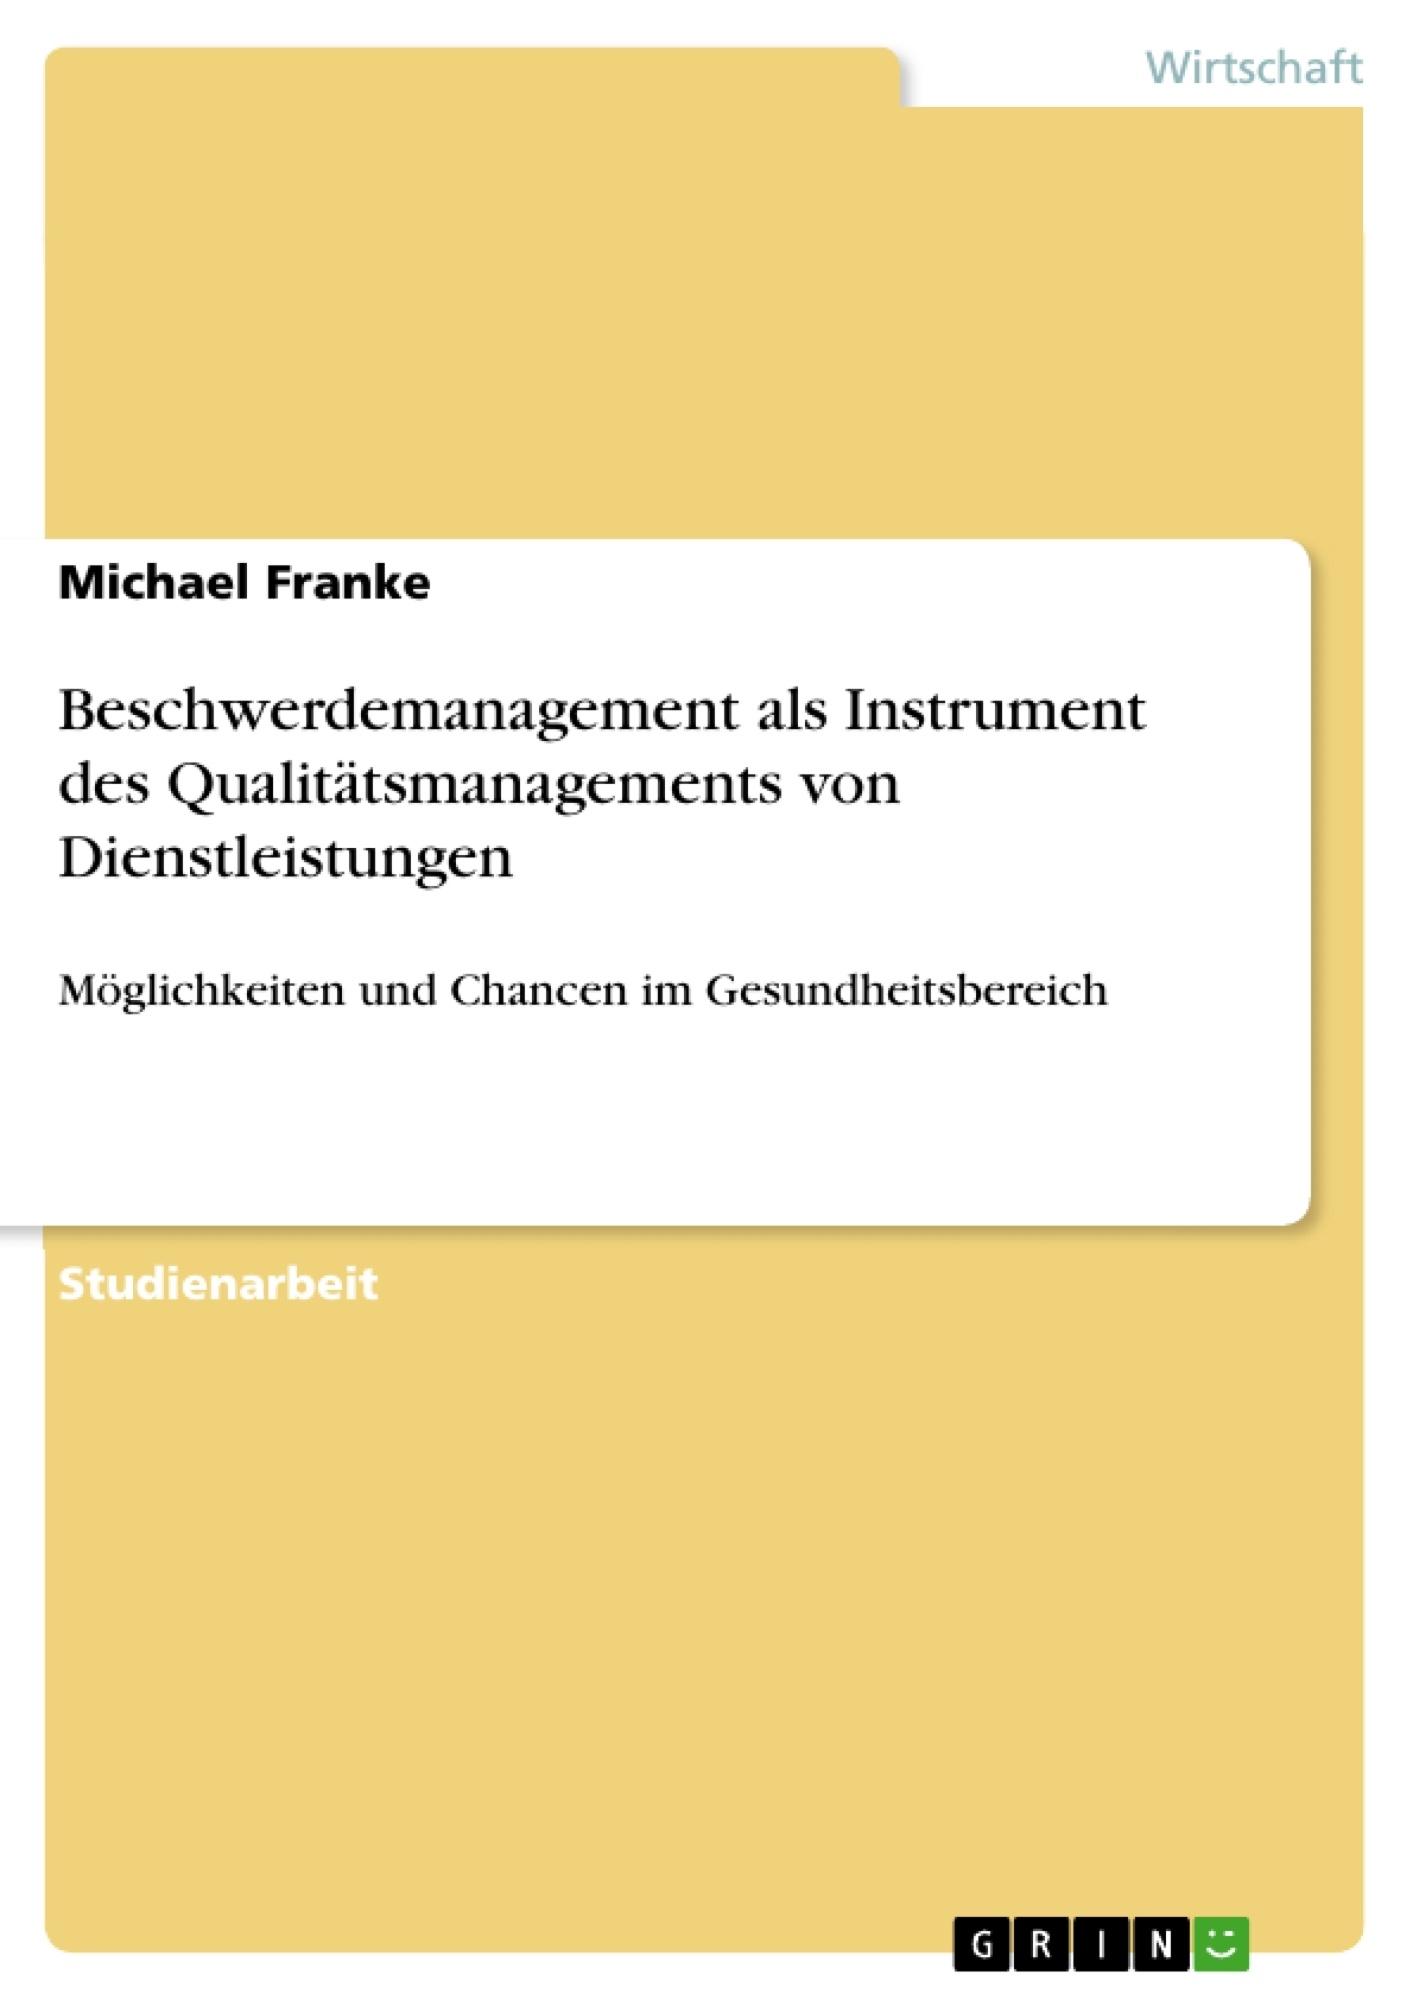 Titel: Beschwerdemanagement als Instrument des Qualitätsmanagements von Dienstleistungen